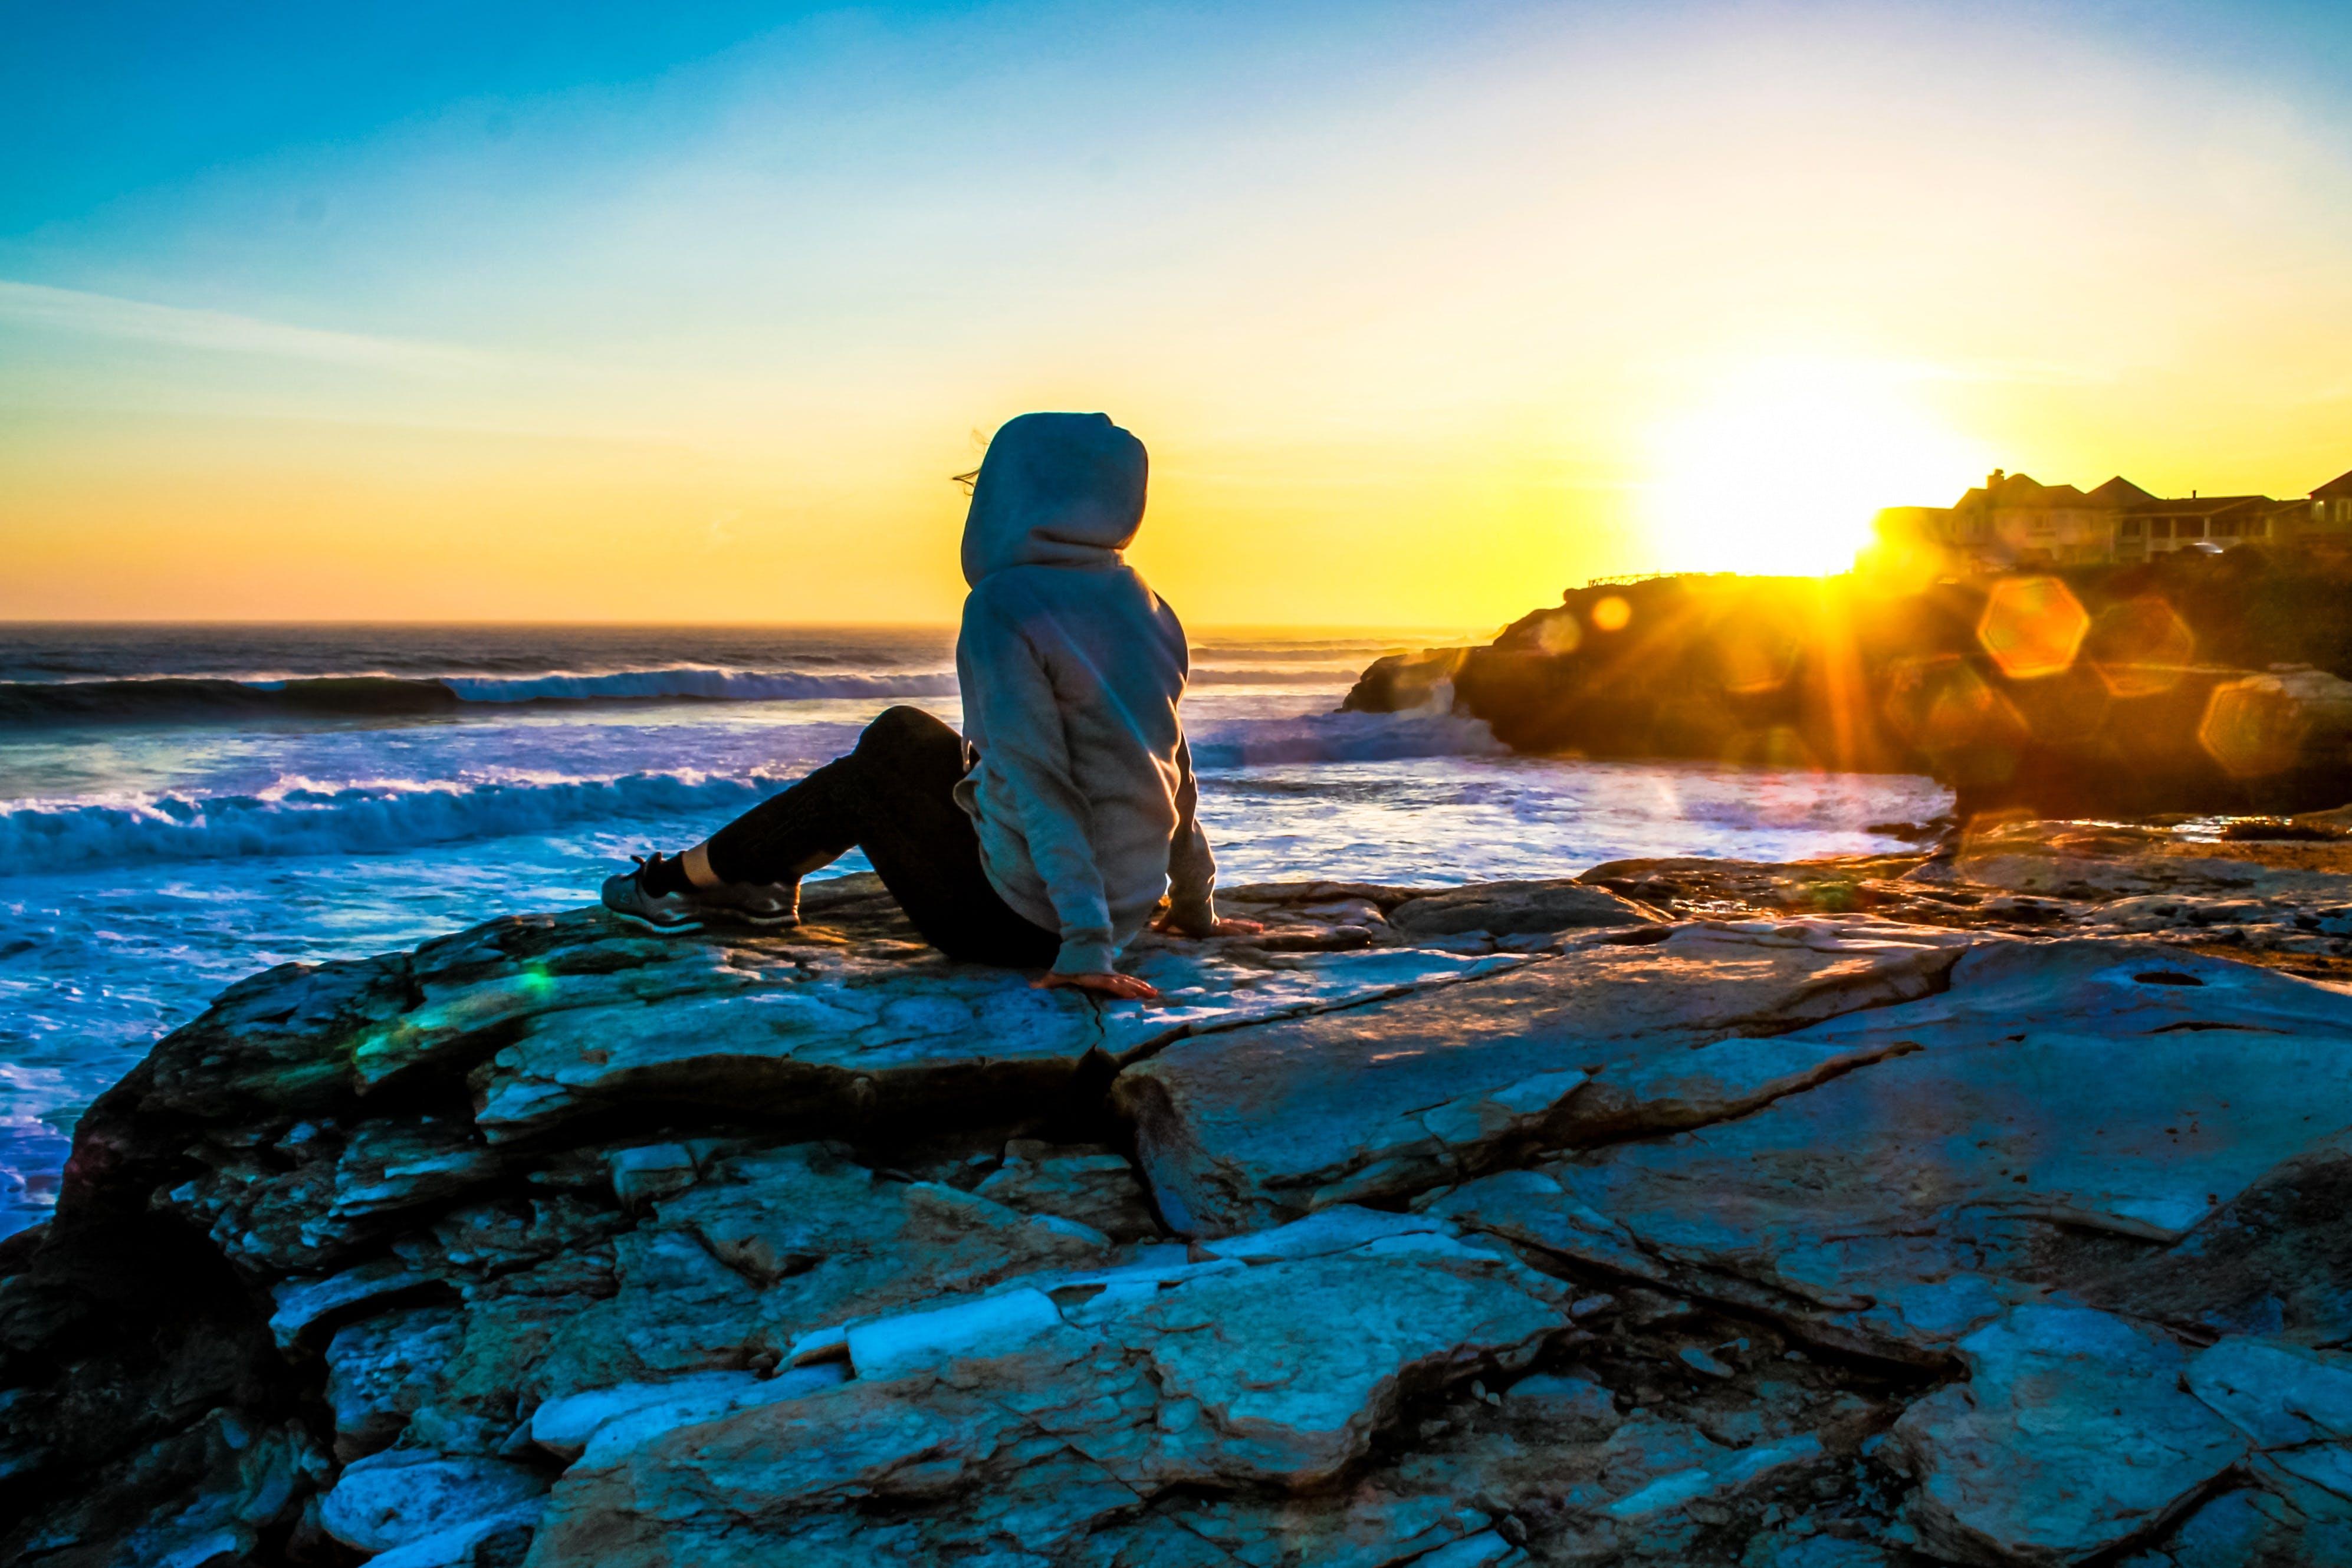 假期, 冷, 圣诞老人, 地平線 的 免费素材照片